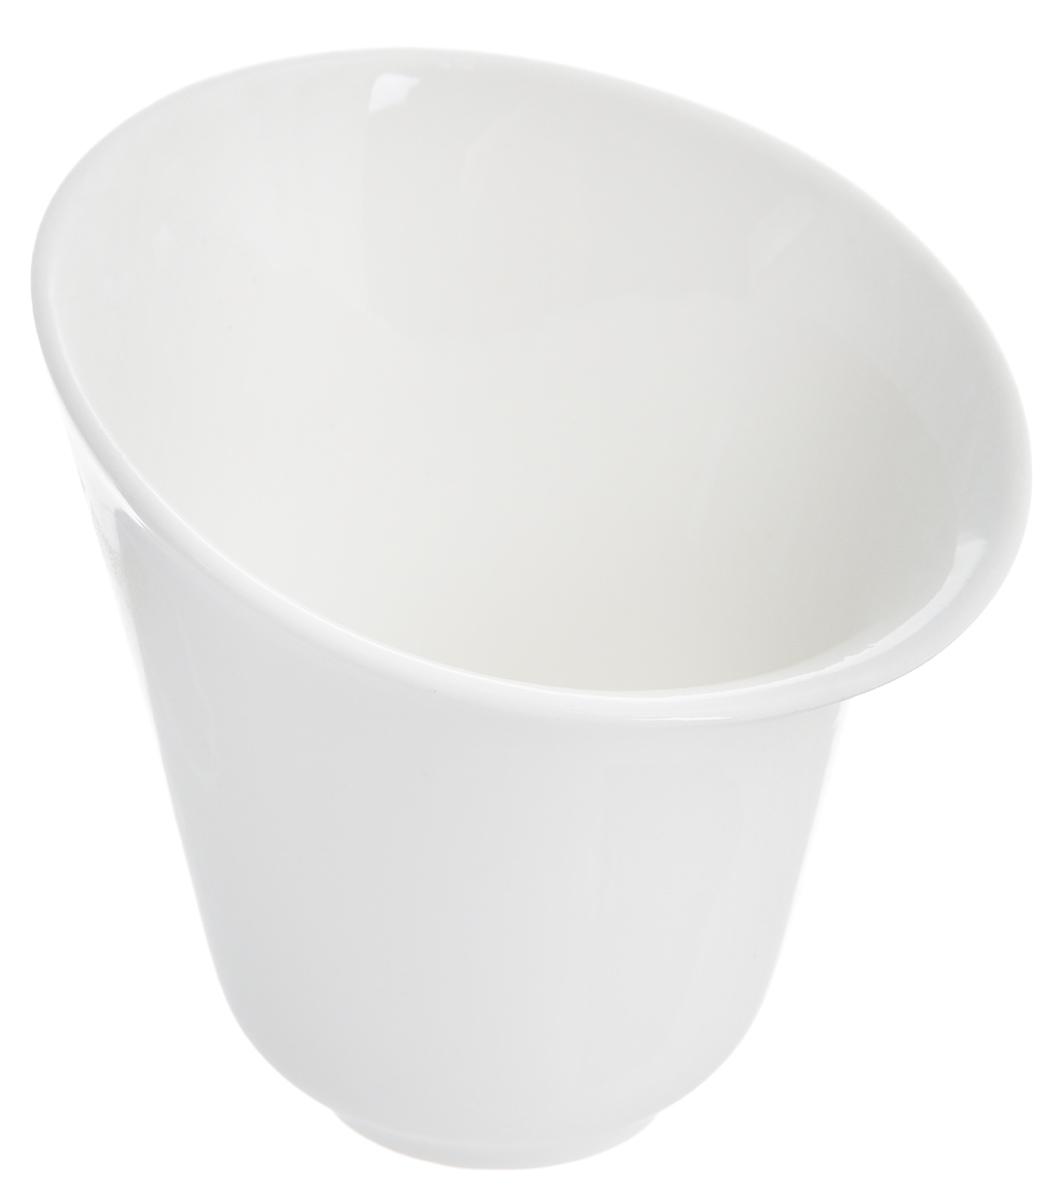 Салатник Deagourmet Soffio, 250 мл391602Оригинальный салатник Deagourmet Soffio, изготовленный из высококачественного фарфора,сочетает в себе изысканный дизайн с максимальной функциональностью.Он идеально подходит для сервировки стола и подачи закусок, солений и других блюд. Такой салатник прекрасно впишется в интерьер вашей кухни и станет достойным подарком клюбому празднику.